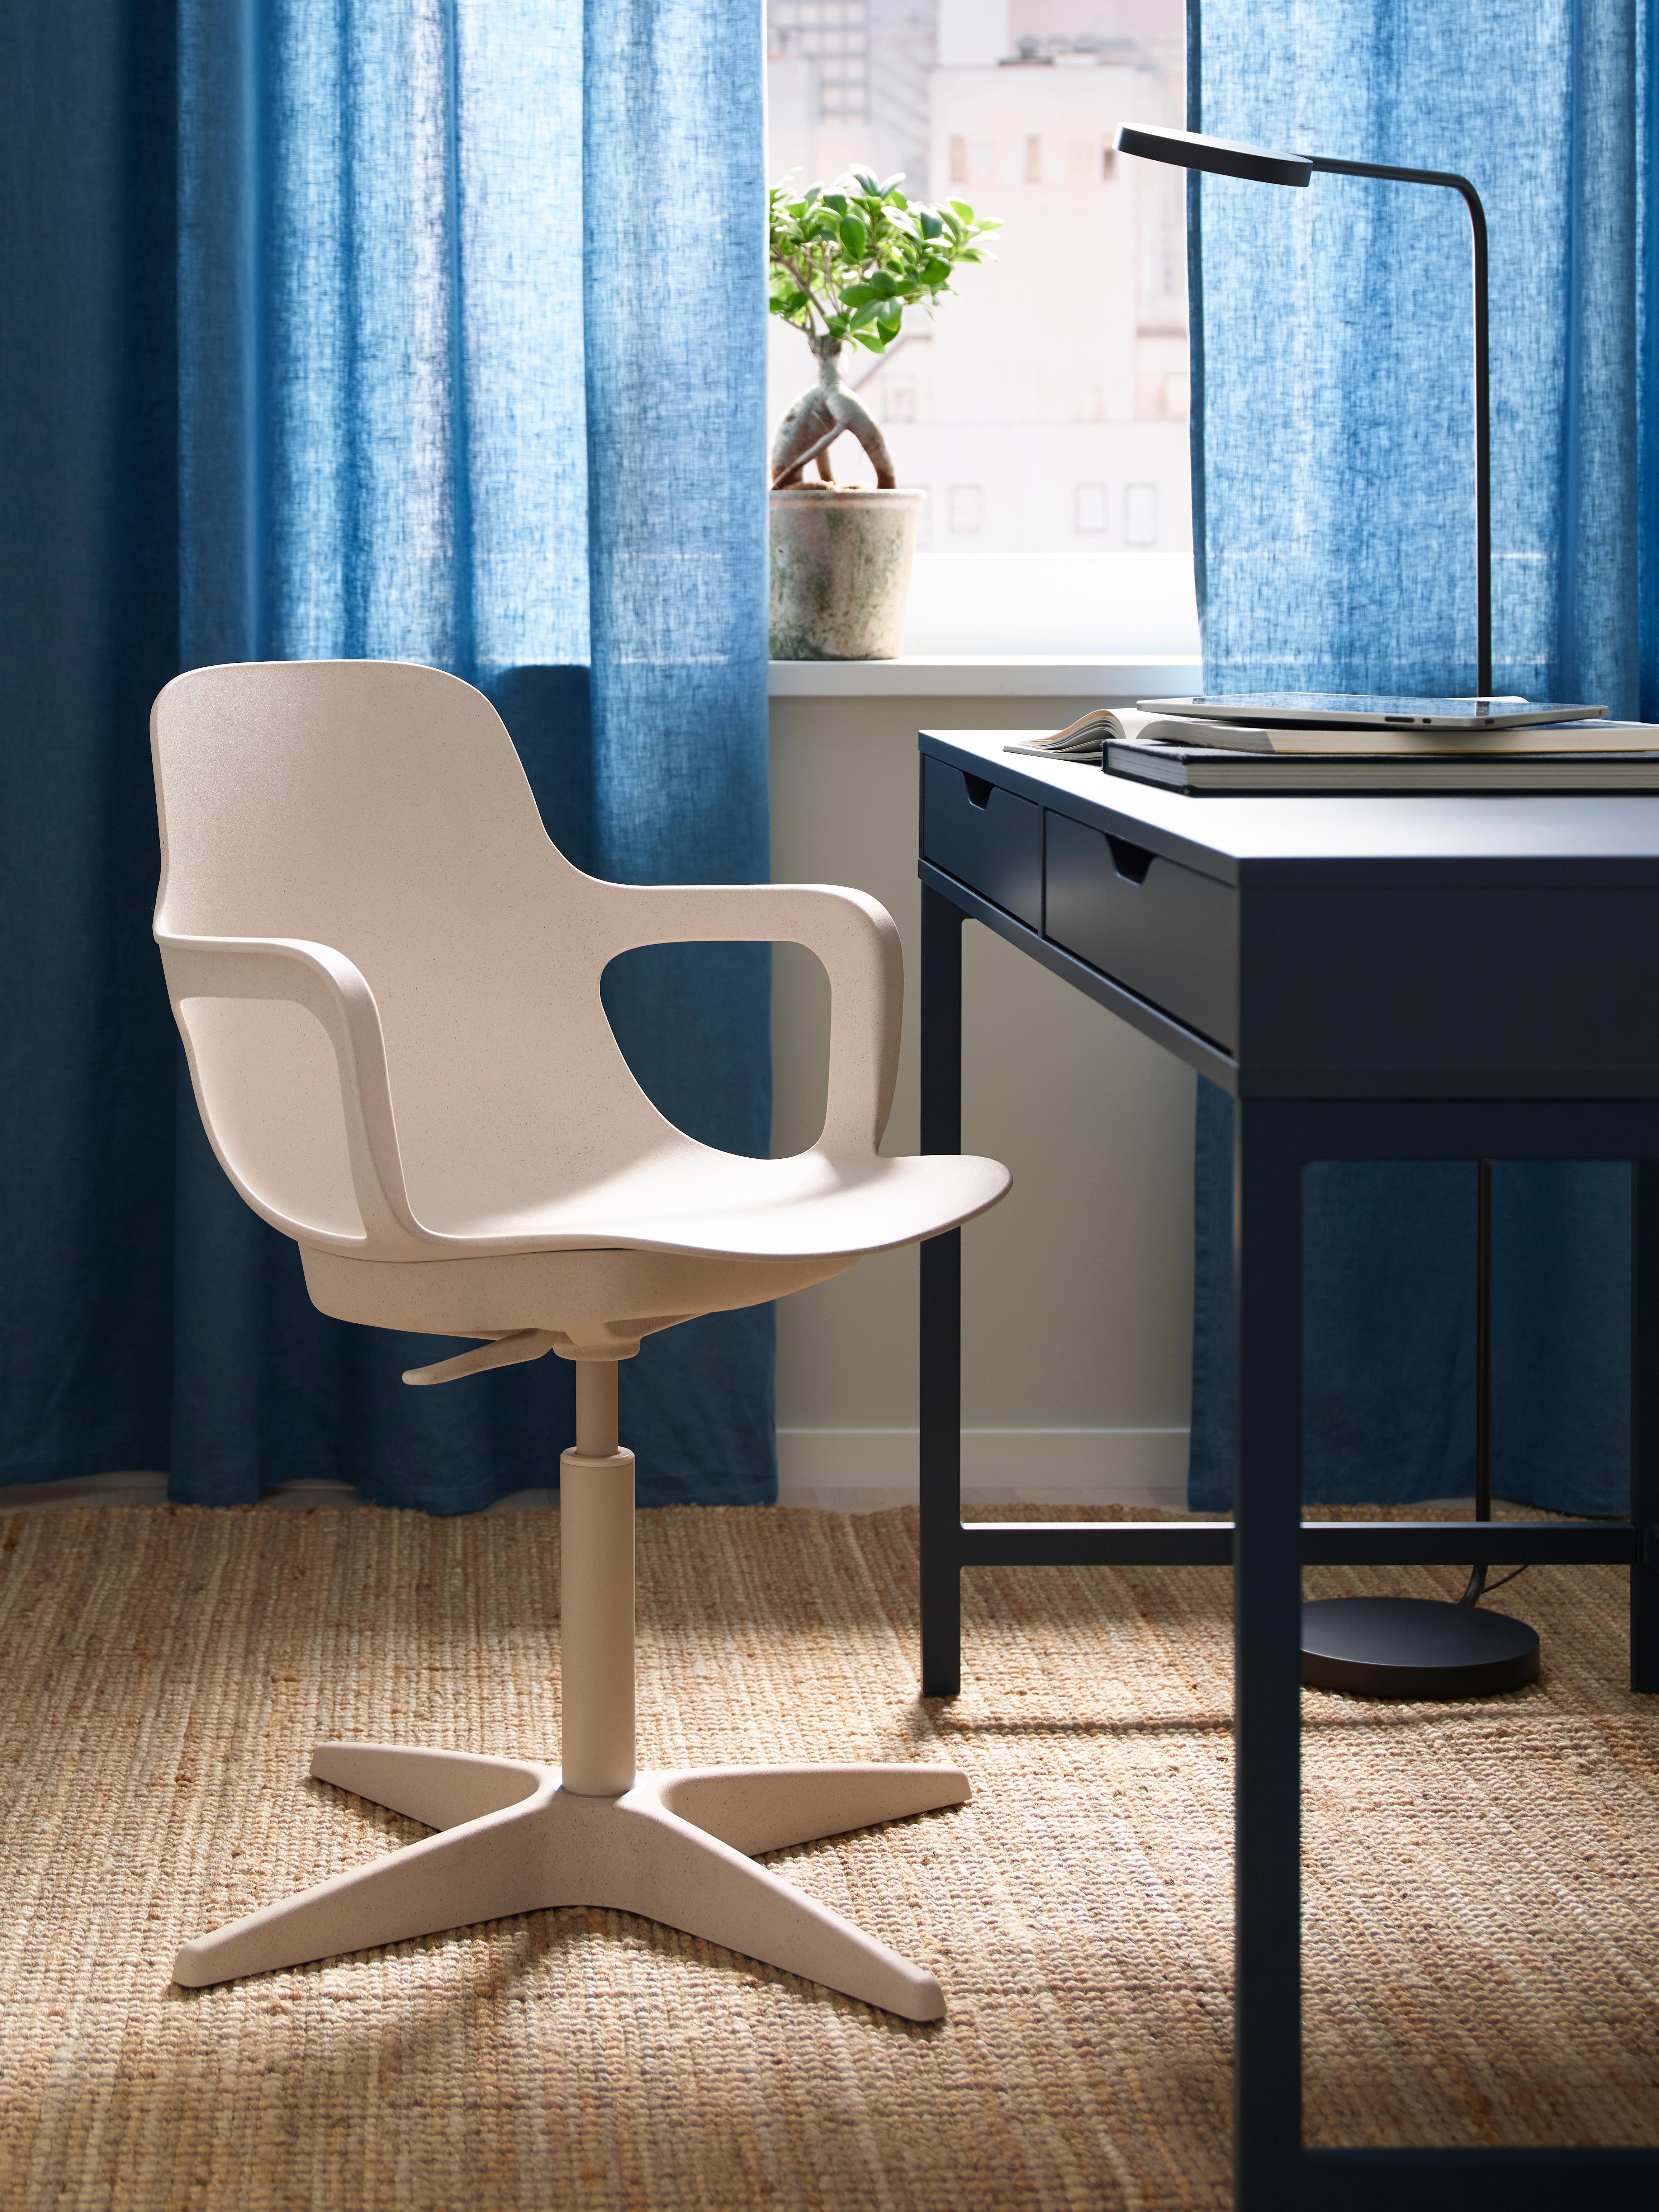 Bijela/bež ODGER uredska stolica nalazi se na jutenom tepihu pored plavog stola, ispred prozora s zavjesama. Na stolu su knjige.